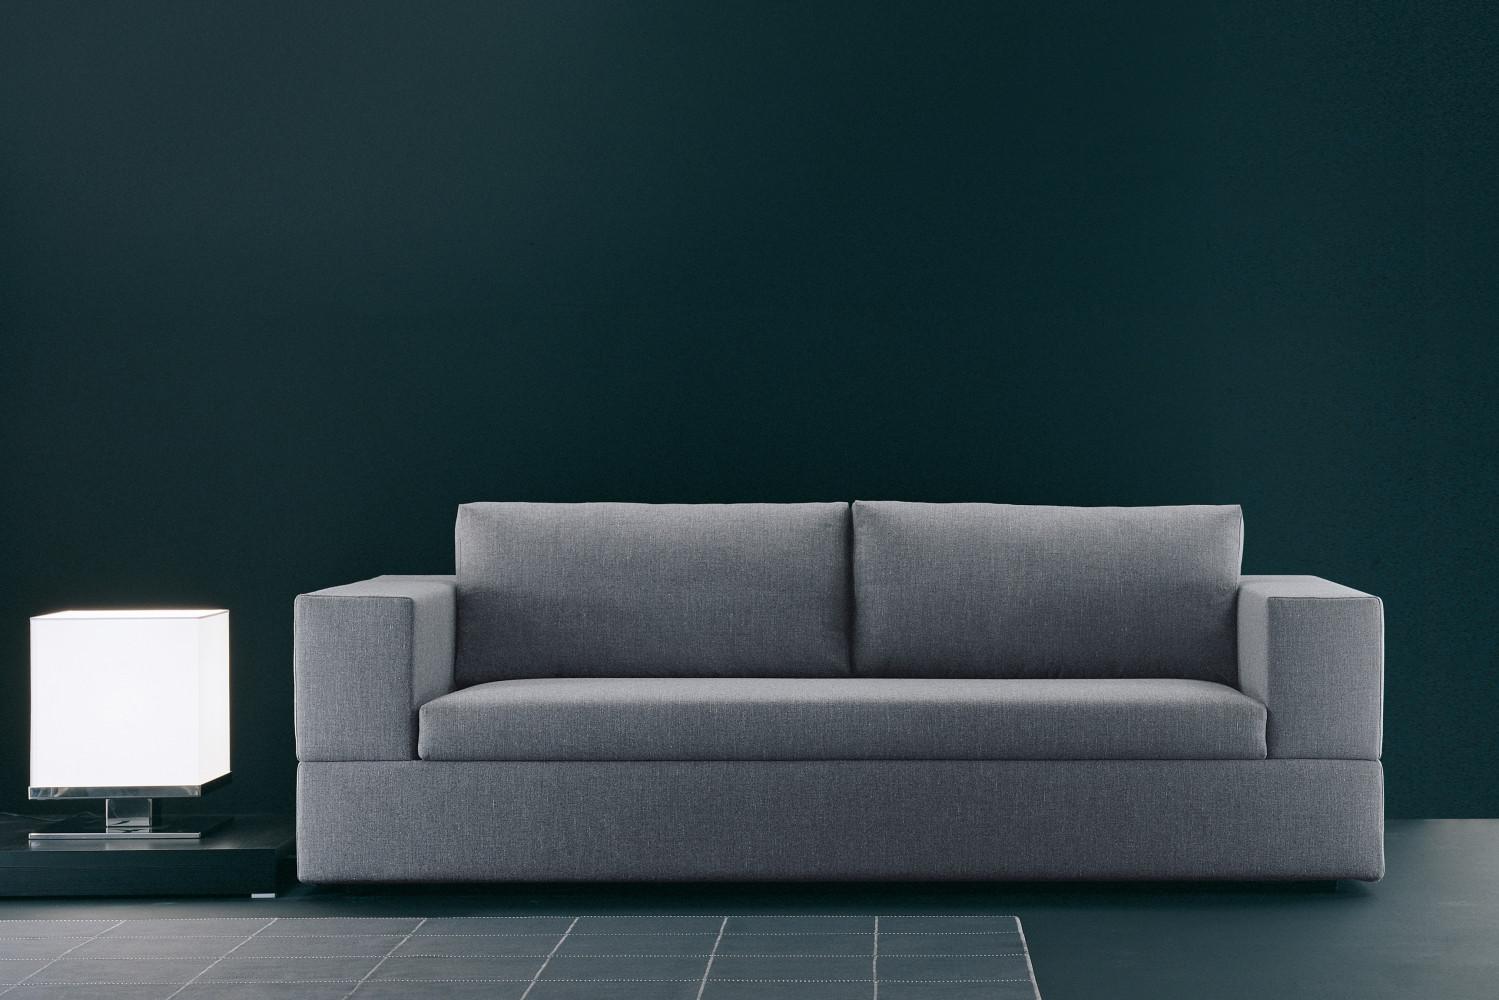 Divano in pelle nera jaco for Divani e divani divani letto